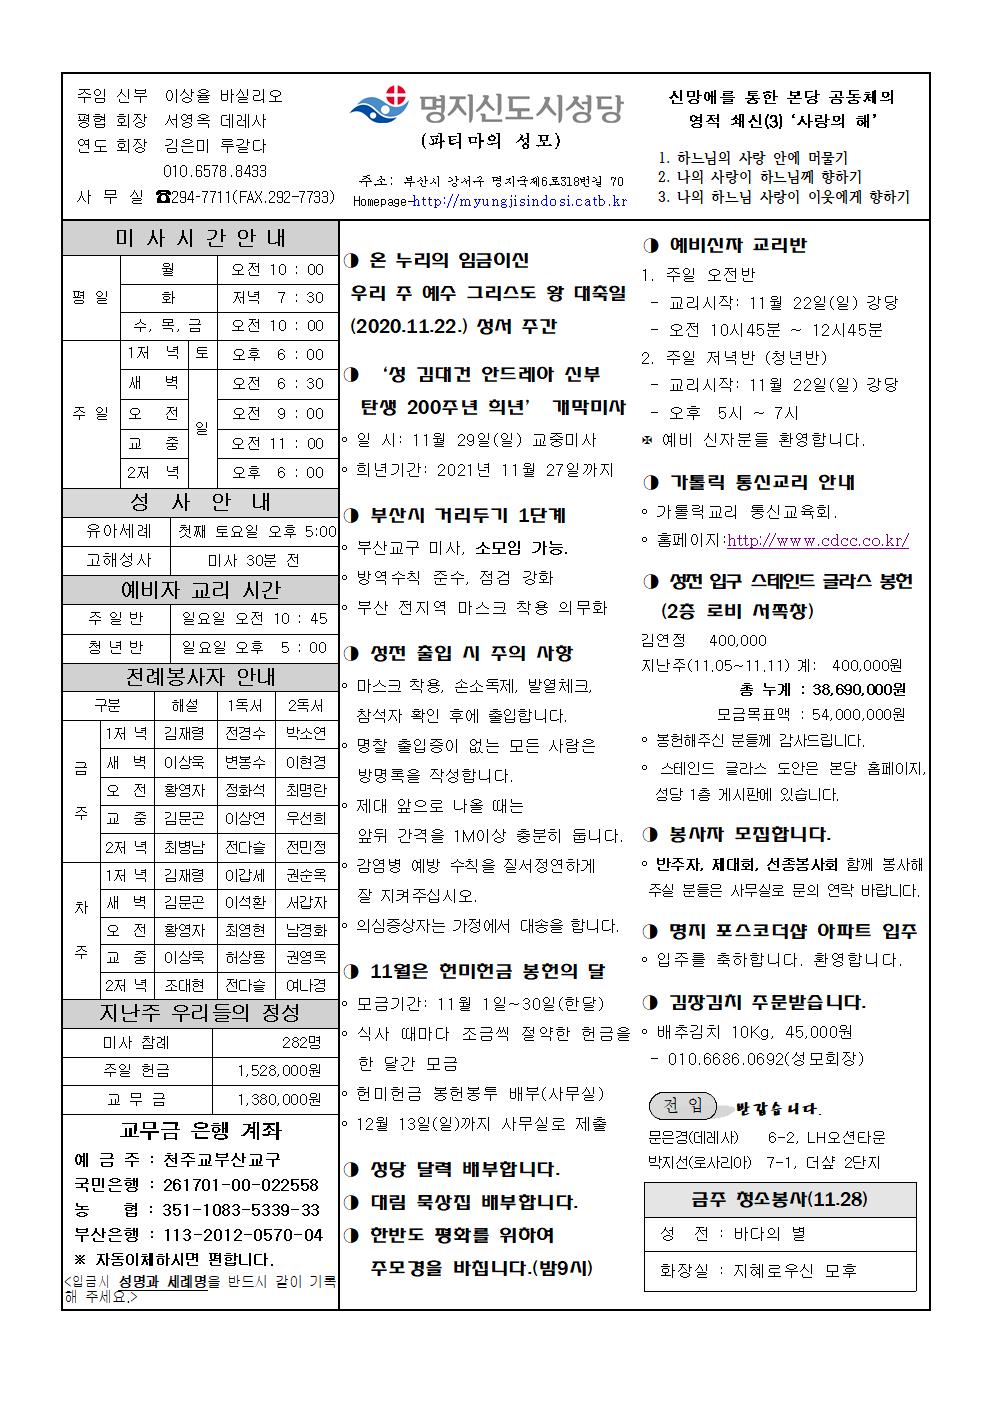 명지신도시20201122001.png